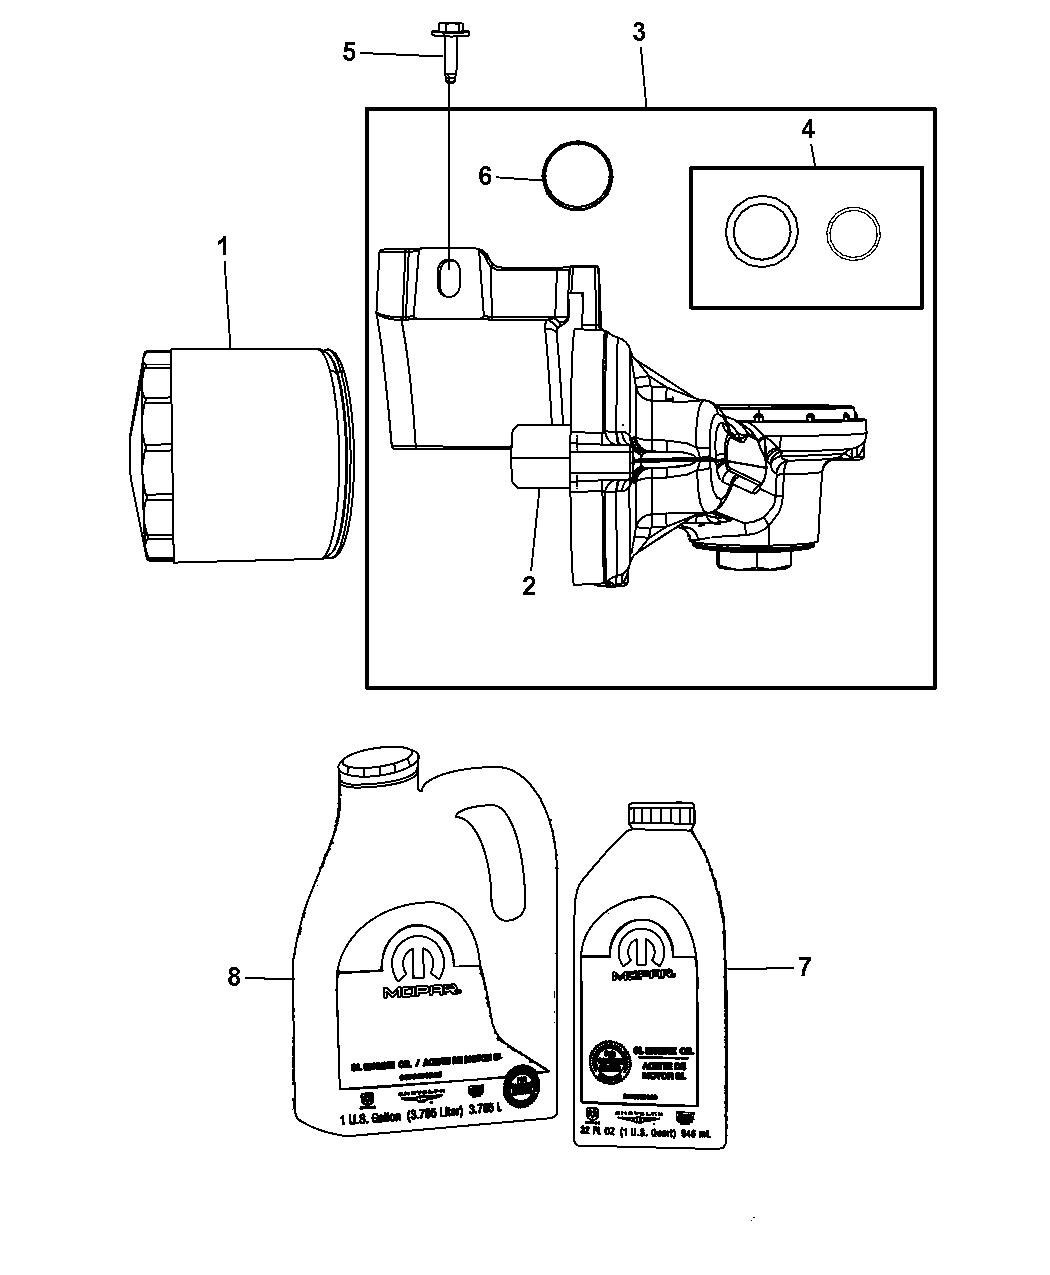 4892314ab Genuine Chrysler Adapter Oil Filter